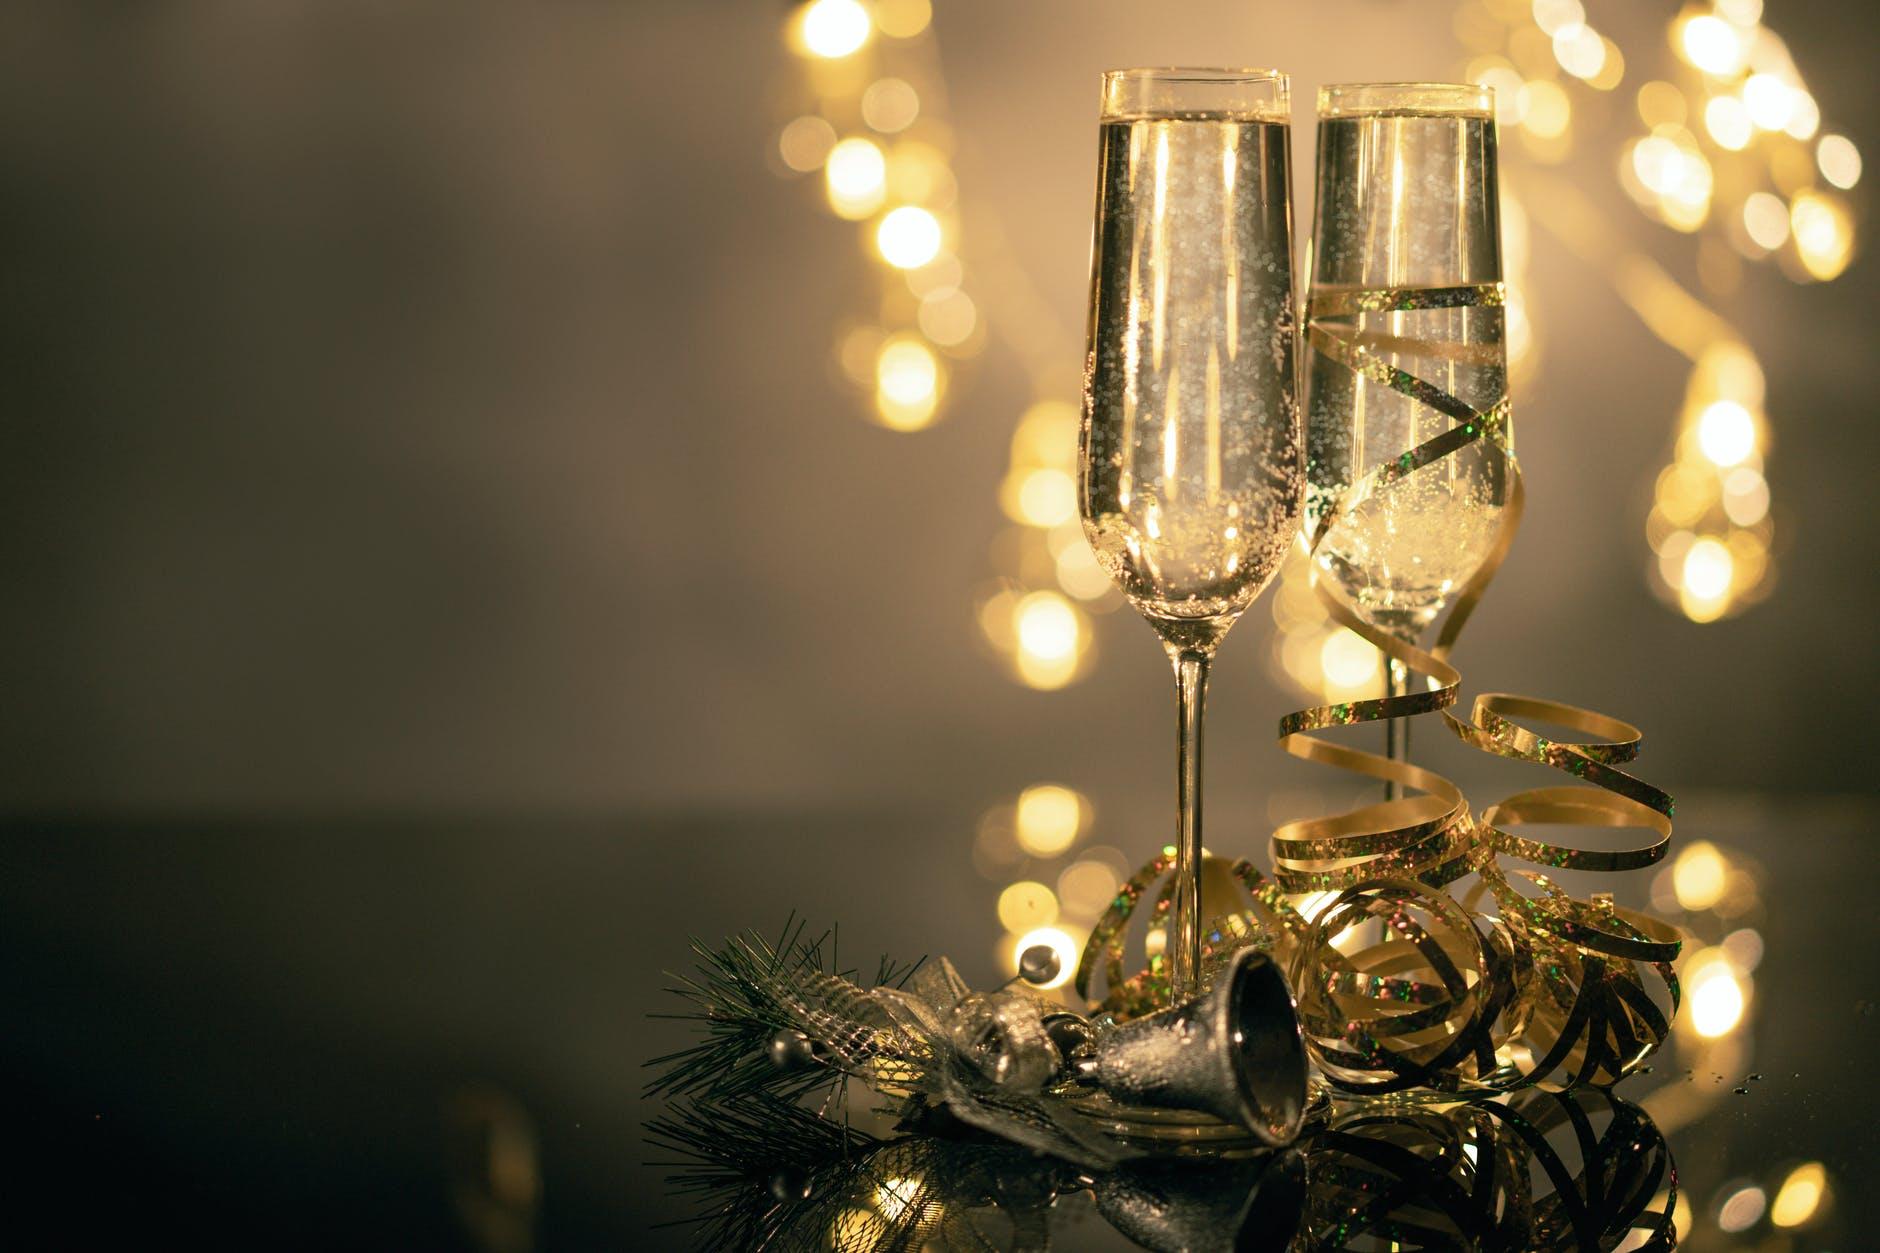 Nyårsfirande på Stadsberget